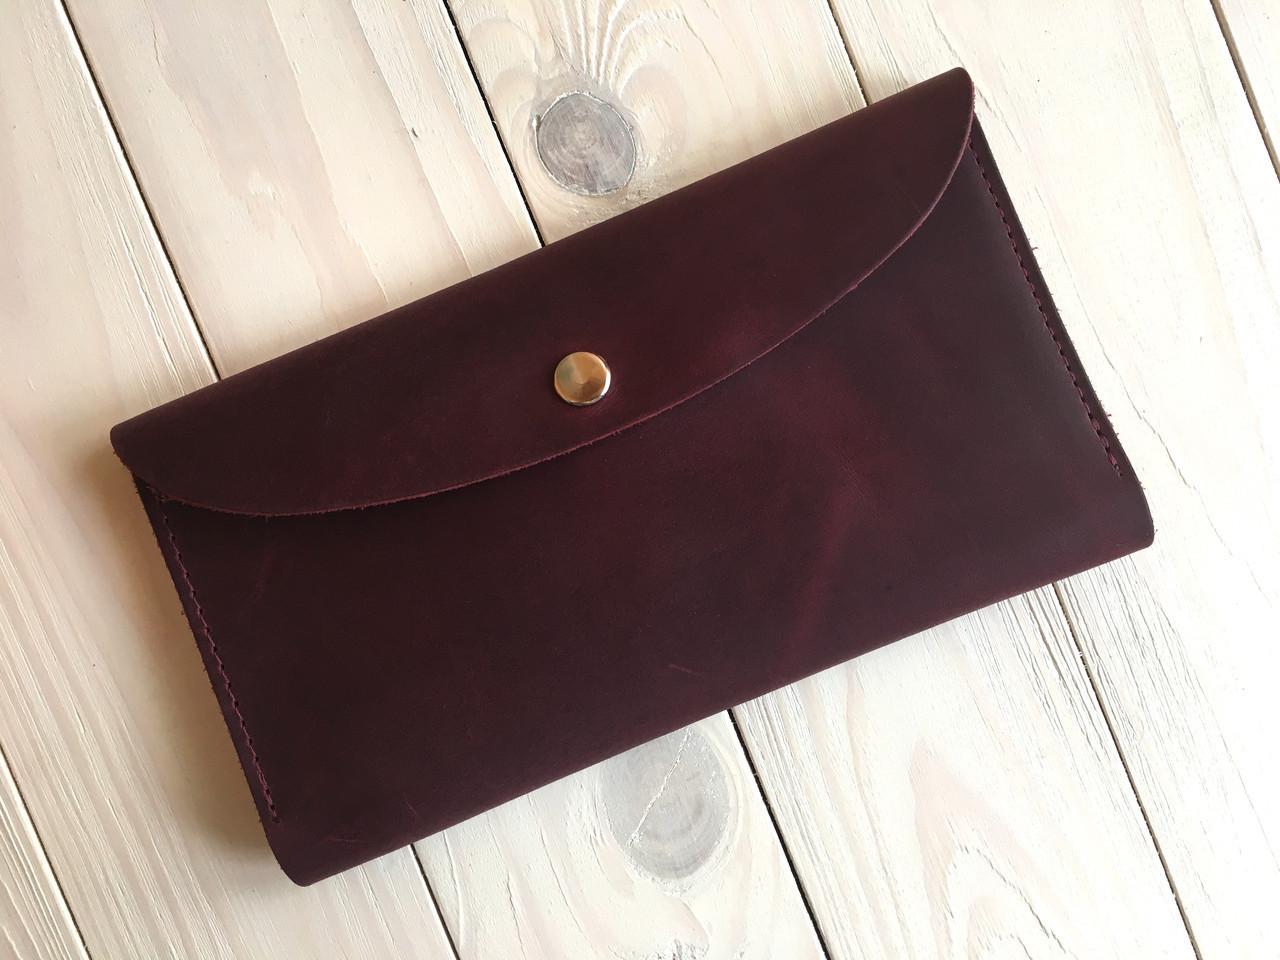 Тревел-кейс женский Goose™ G0013 натуральная кожа бордовый (кошелек, портмоне)